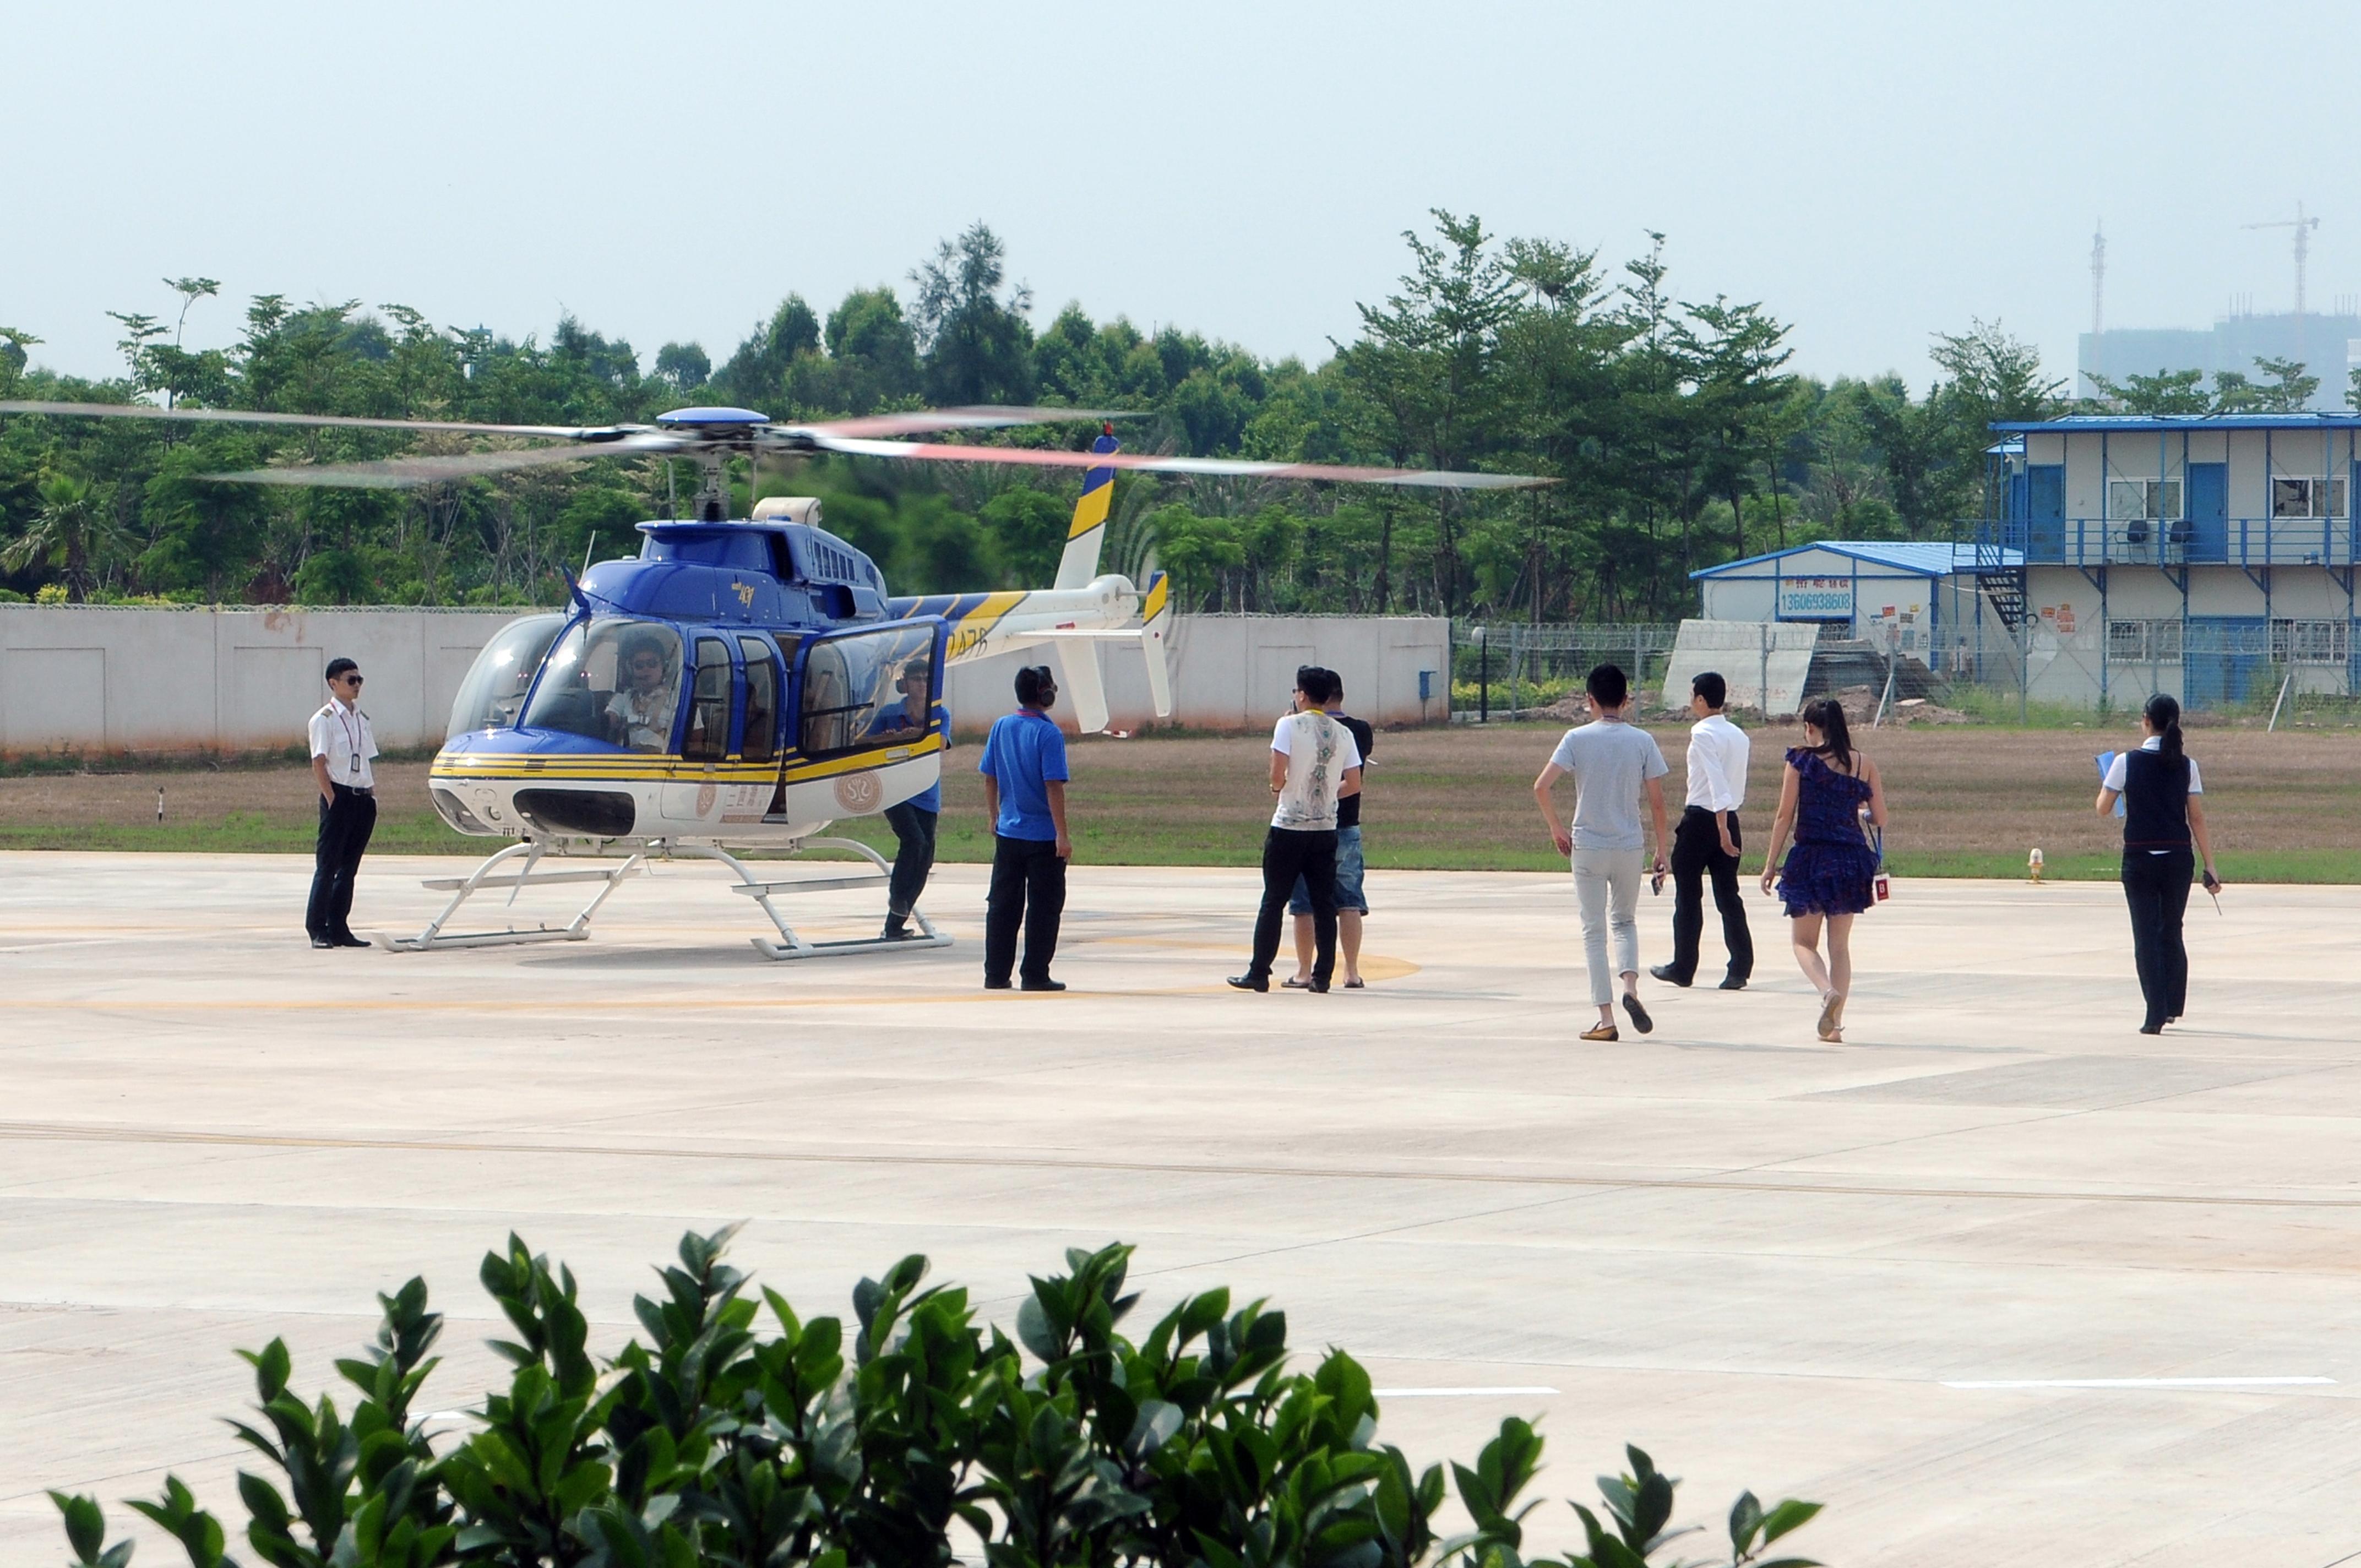 三世源vip私人定制直升飞机 游艇俱乐部之旅(厦门站)